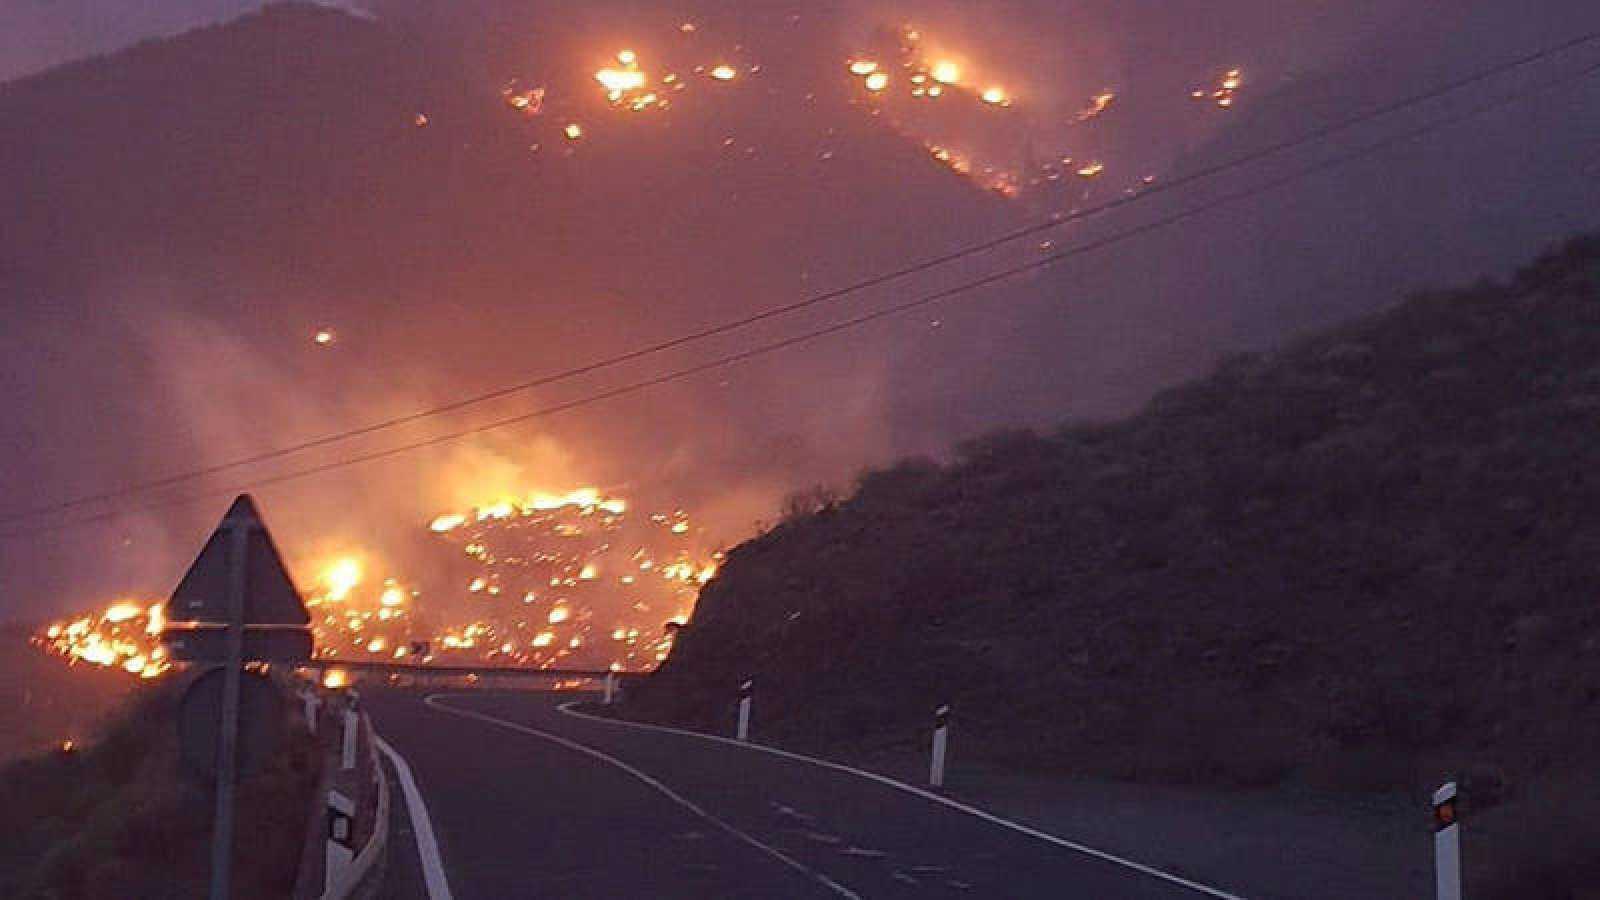 Un incendio en la localidad grancanaria de Tasarte obliga a desalojar un barrio y quema varias casas